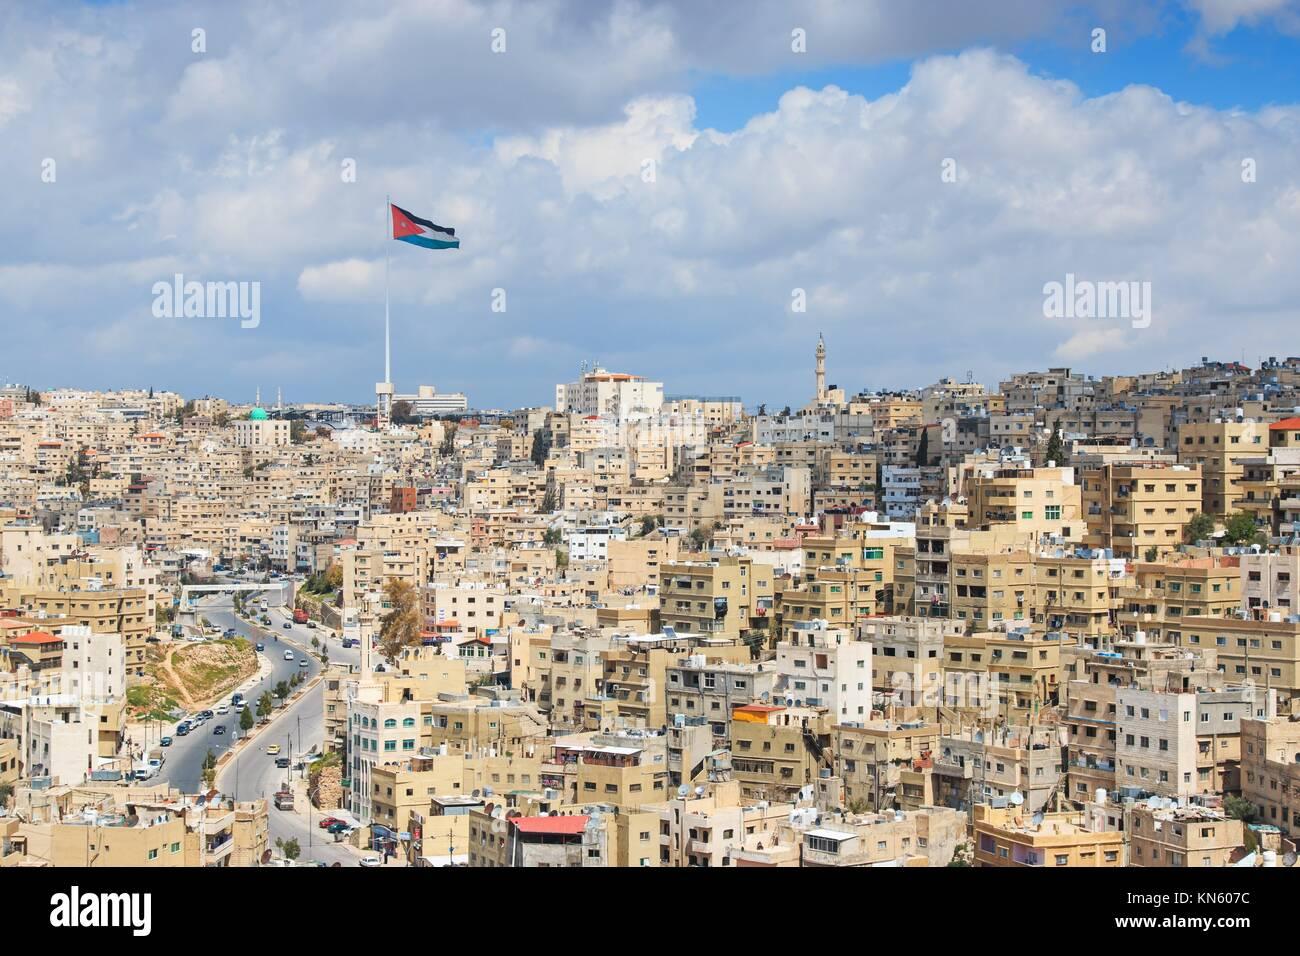 Amman, Giordania: vista panoramica di Amman da una delle colline circostanti la città. Immagini Stock